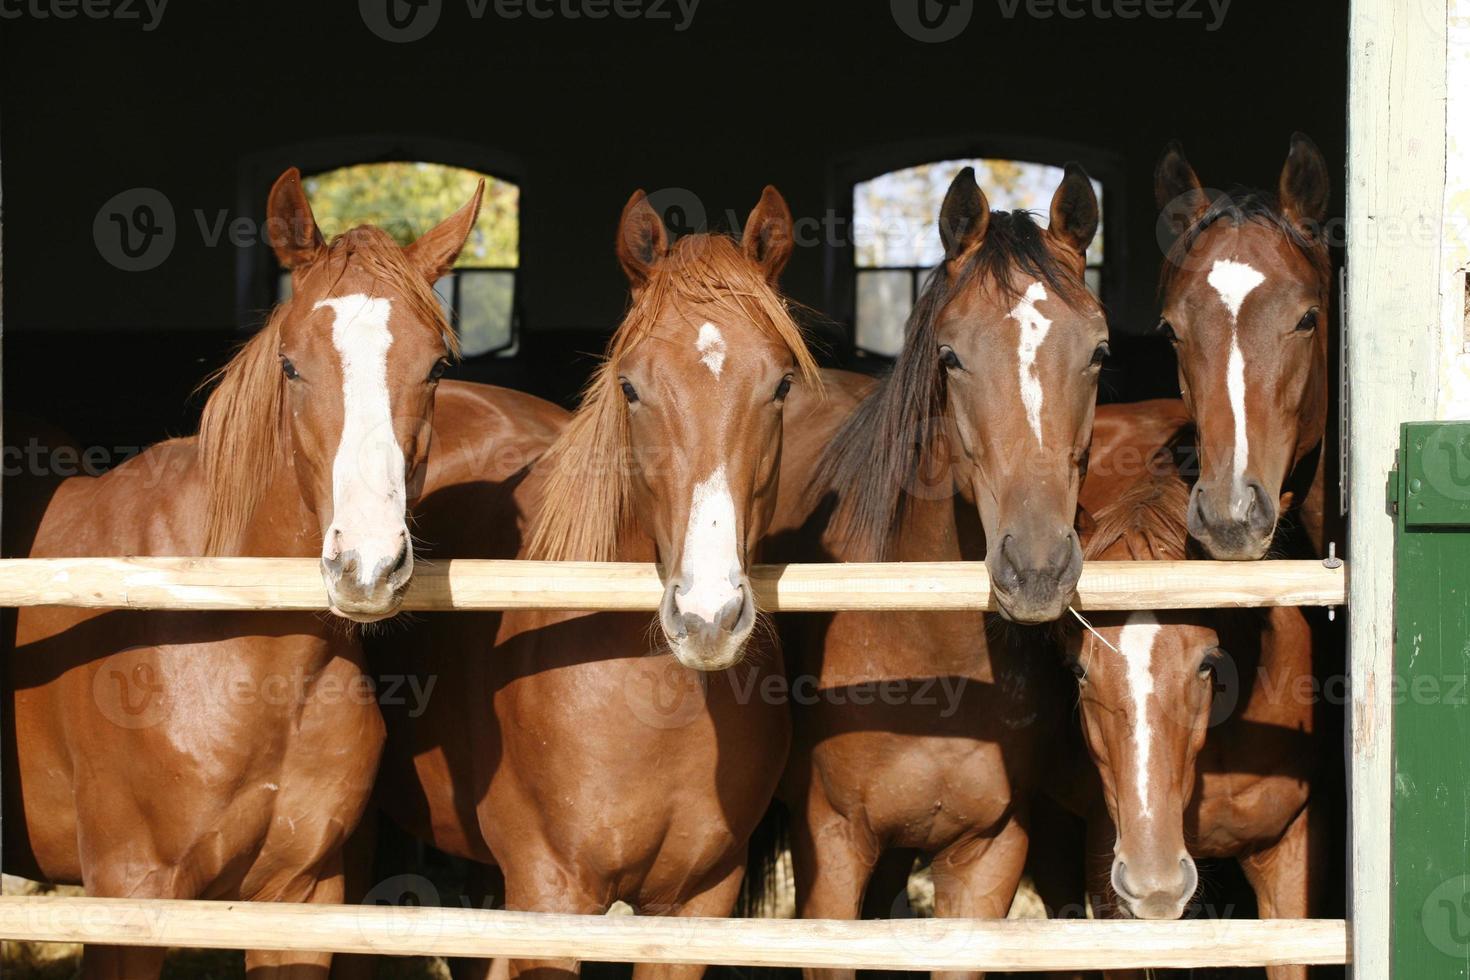 giovani cavalli color castagna in piedi nel fienile foto